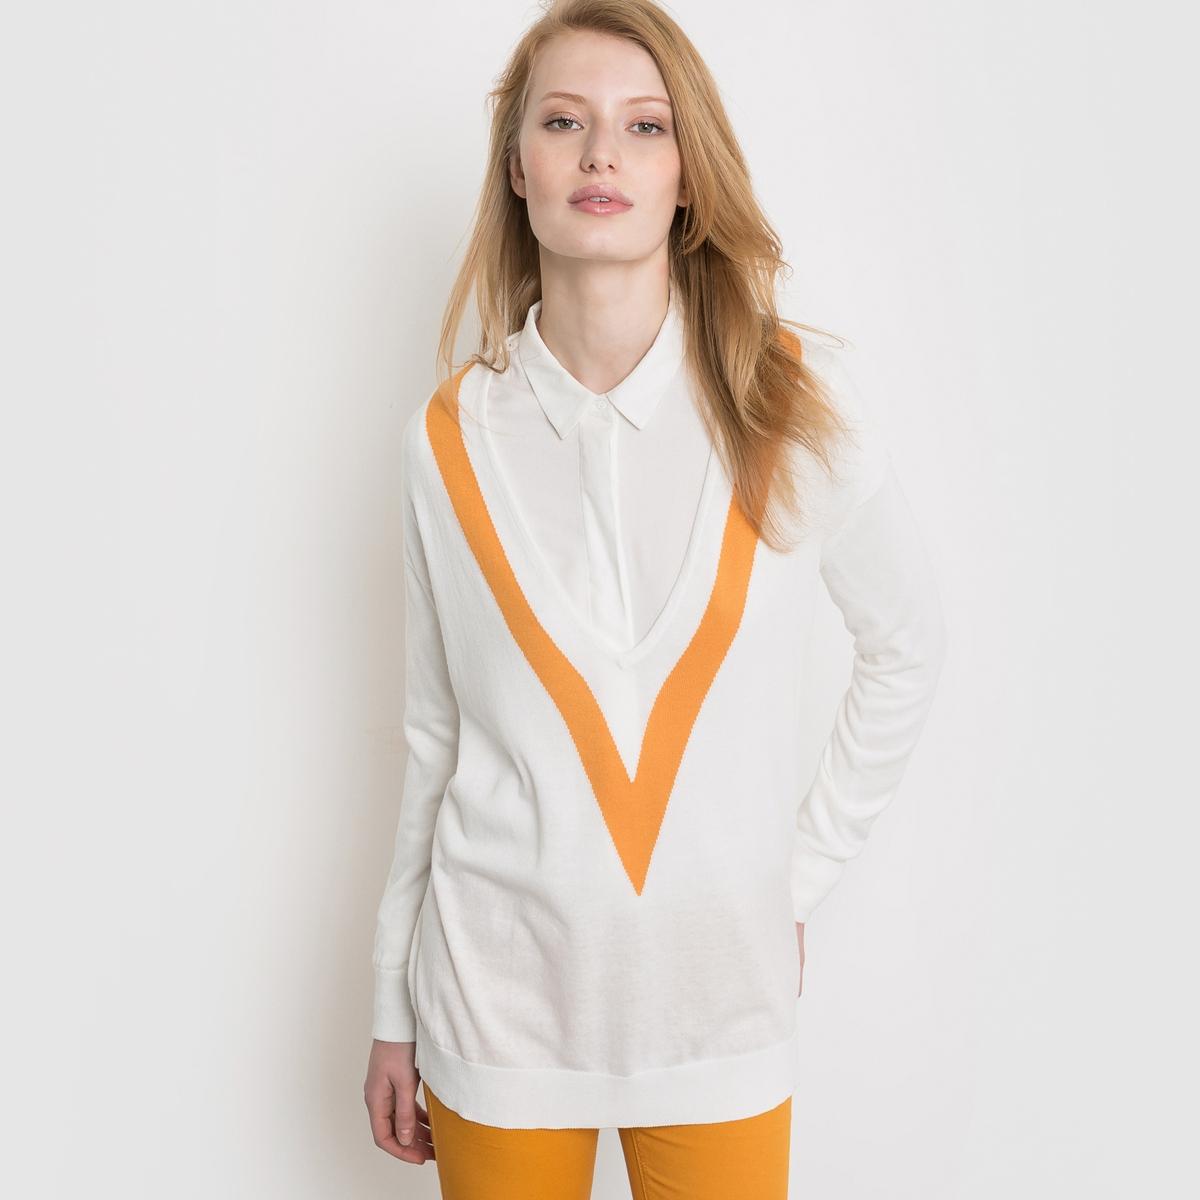 Пуловер в теннисном стиле c V-образным вырезомПуловер в теннисном стиле. Пуловер в теннисном стиле, из трикотажа тонкой вязки, широкого и длинного покроя. Длинные рукава, глубокий V-образный вырез, подчеркнутый широкой контрастной полосой. Края рукавов и низа связаны в рубчик. Состав и описаниеМатериал : 50% акрила, 50% хлопкадлина : 70 смУход Машинная стирка при 30 °С<br><br>Цвет: слоновая кость<br>Размер: 38/40 (FR) - 44/46 (RUS)